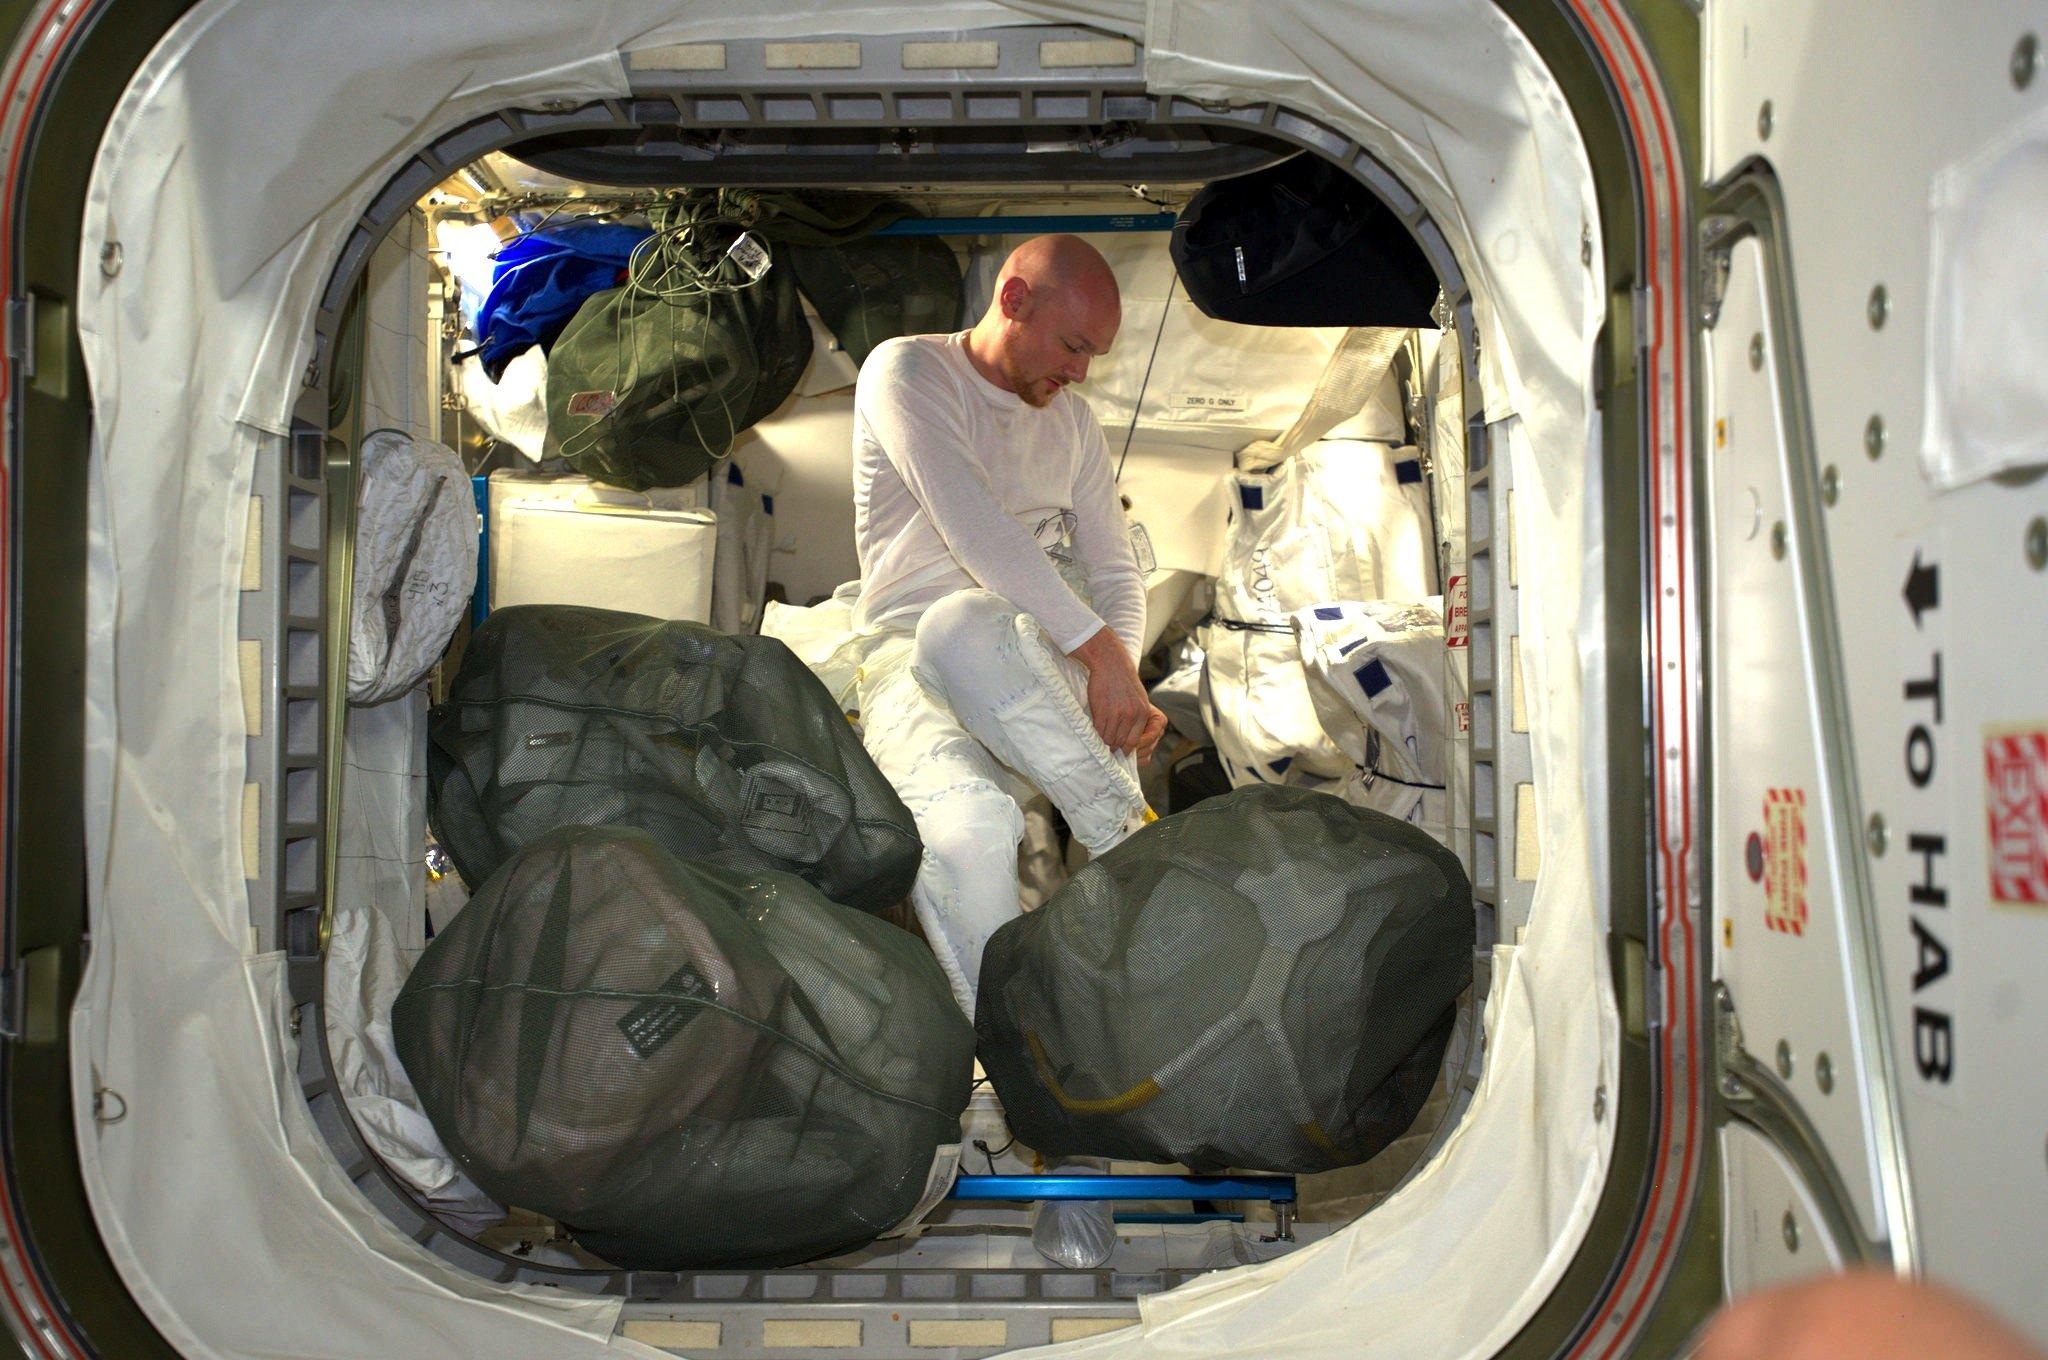 Gewährte viele Einblicke: Astronaut Alexander Gerst ließ viele Fans über Facebook an seiner Weltraummission teilhaben. Und zeigte sich vor seinem Weltraumspaziergang auch in Spezialunterwäsche für den Raumanzug.